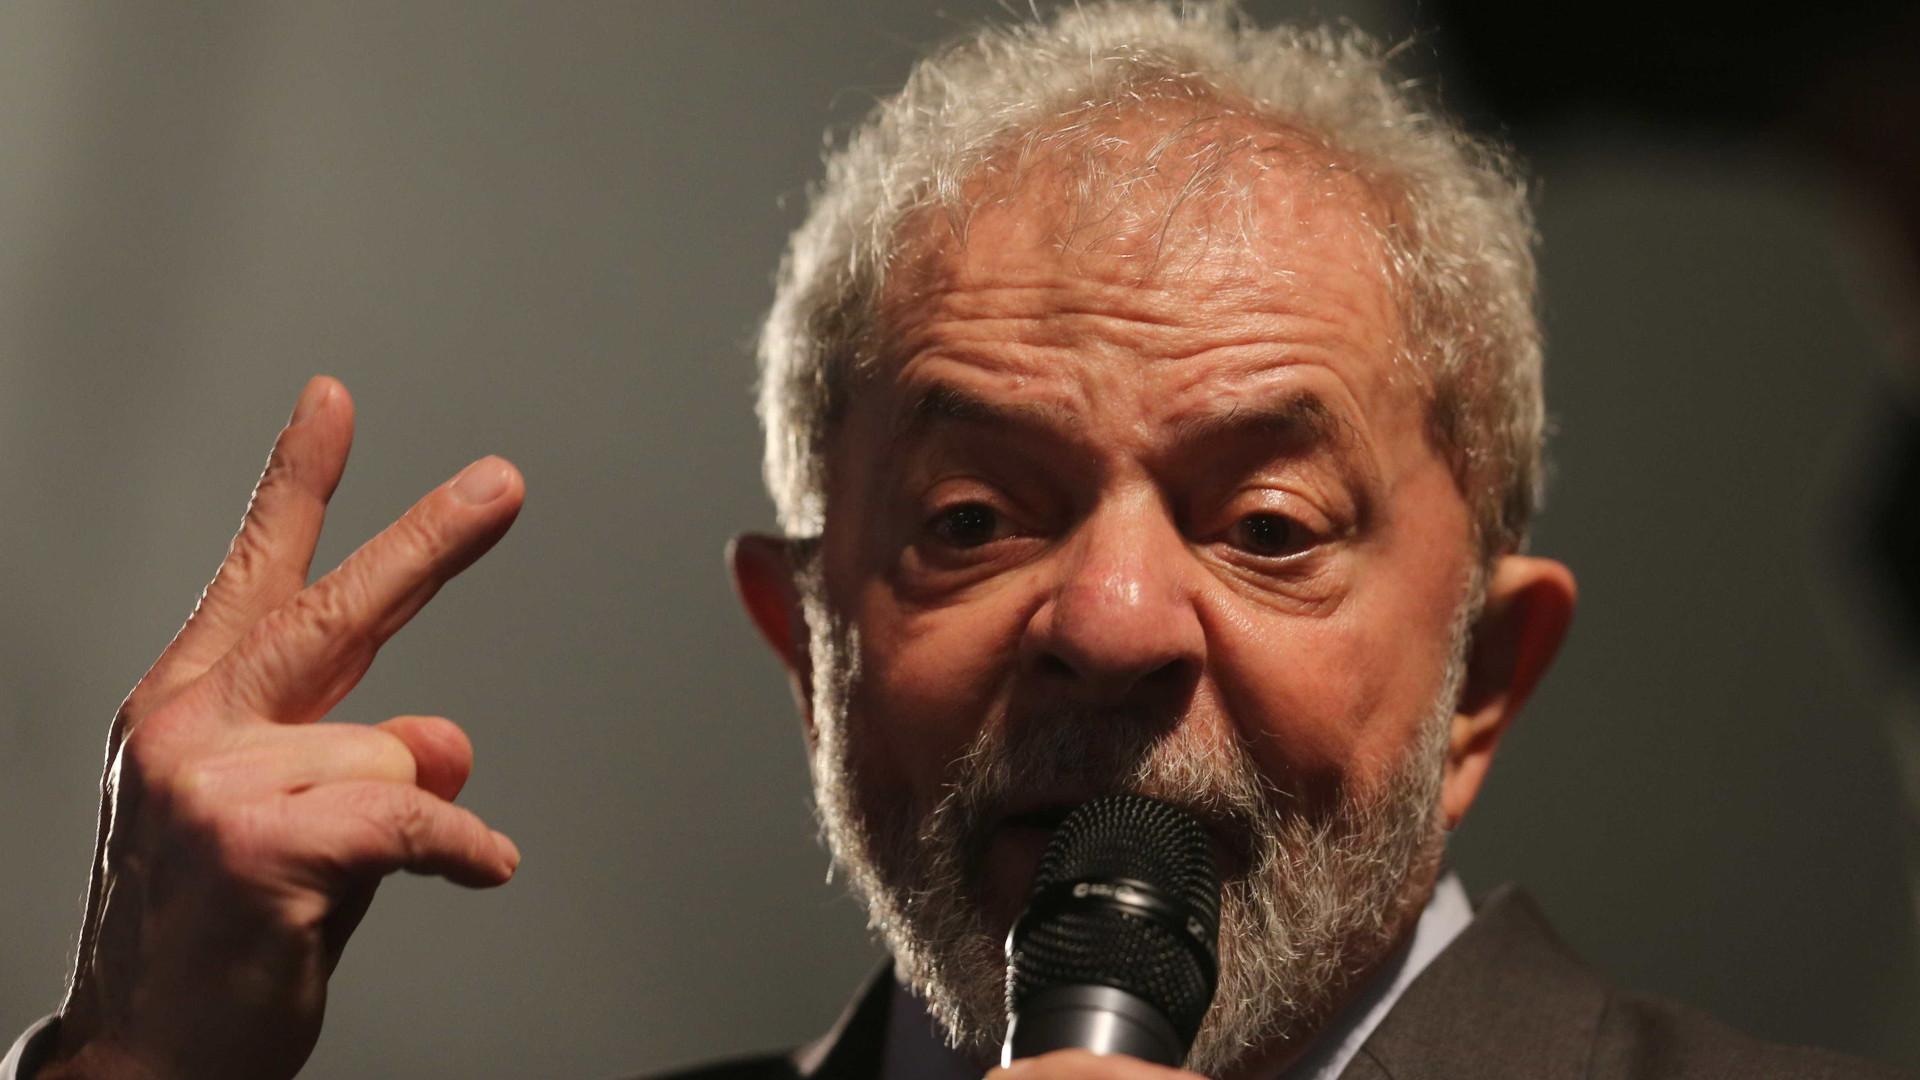 Em caravana, Lula diz que governo Temer 'destruiu a construção civil'